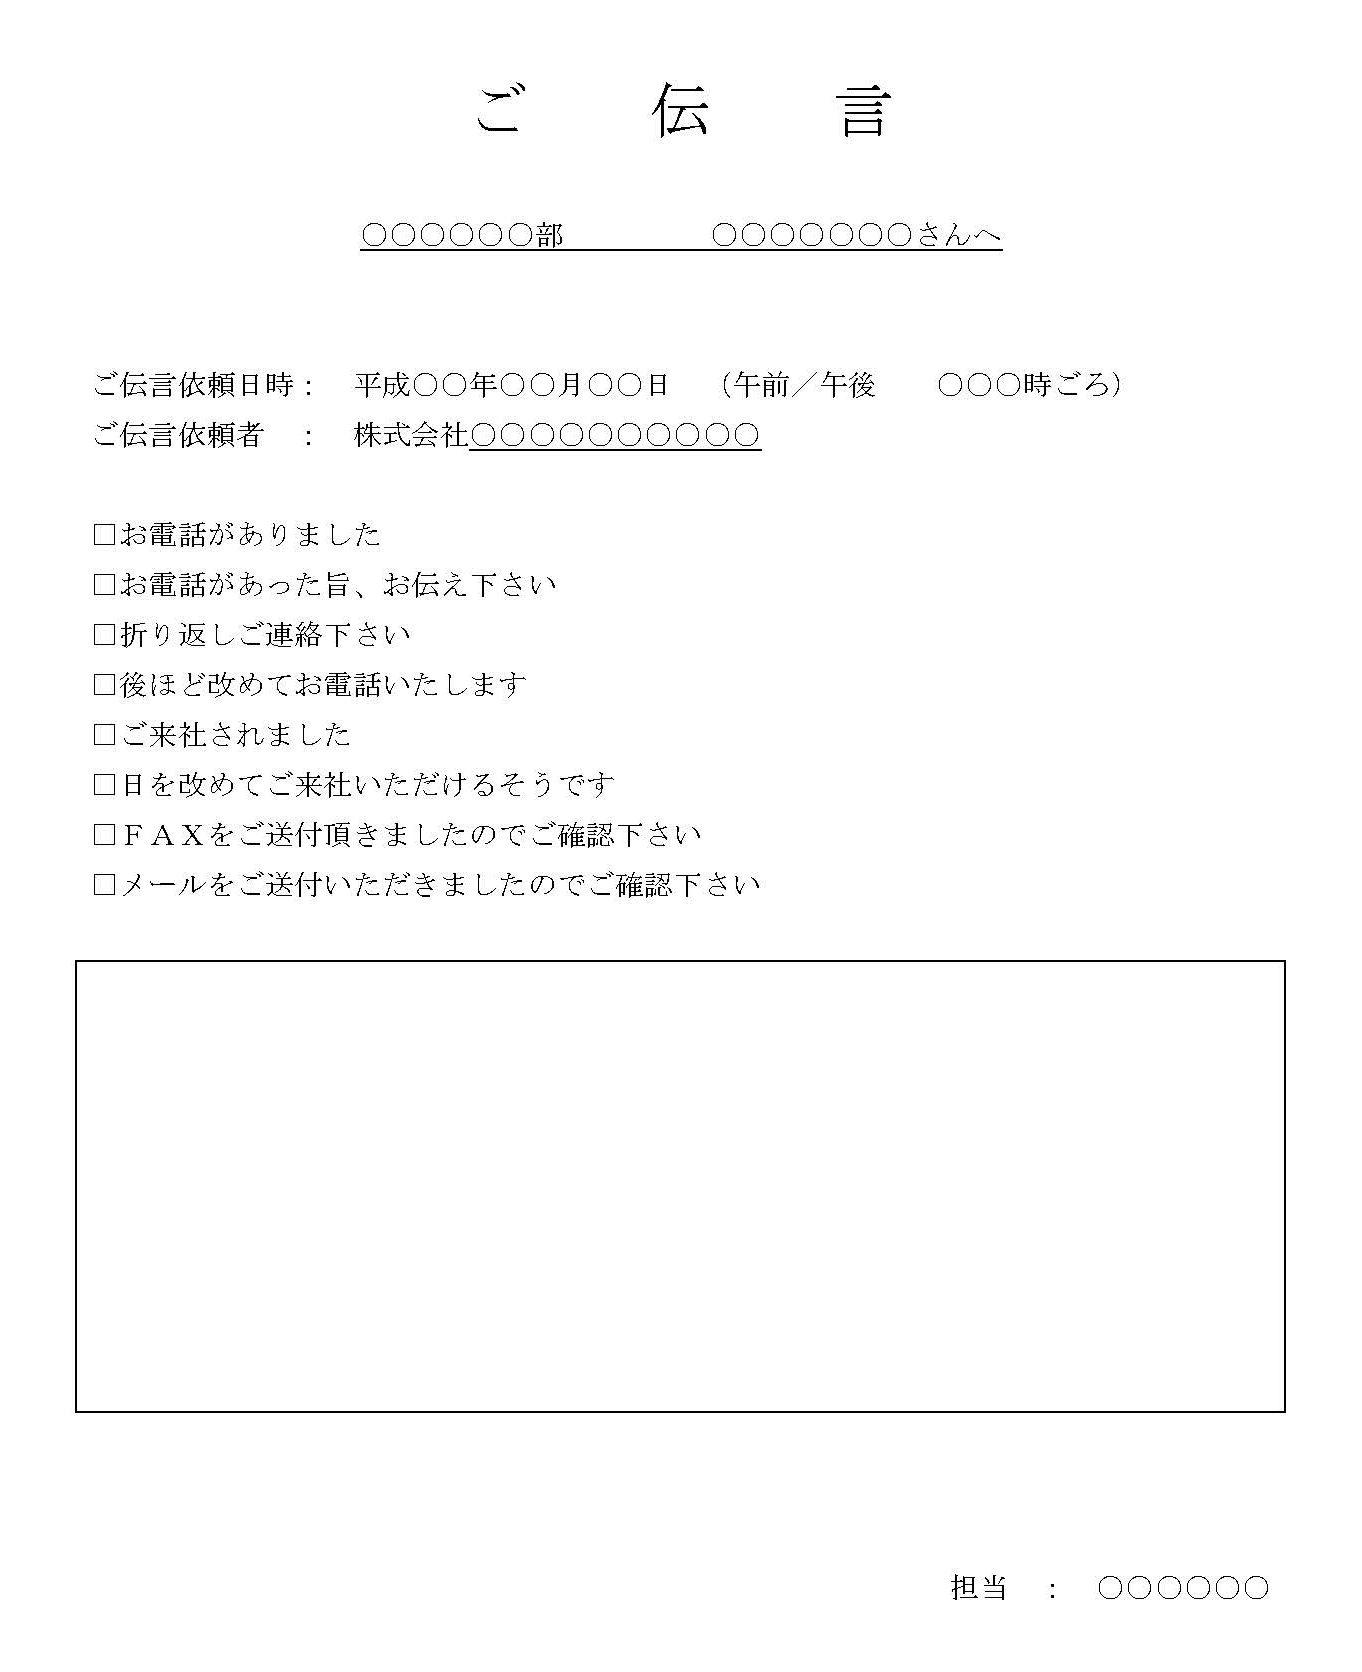 伝言メモ_4